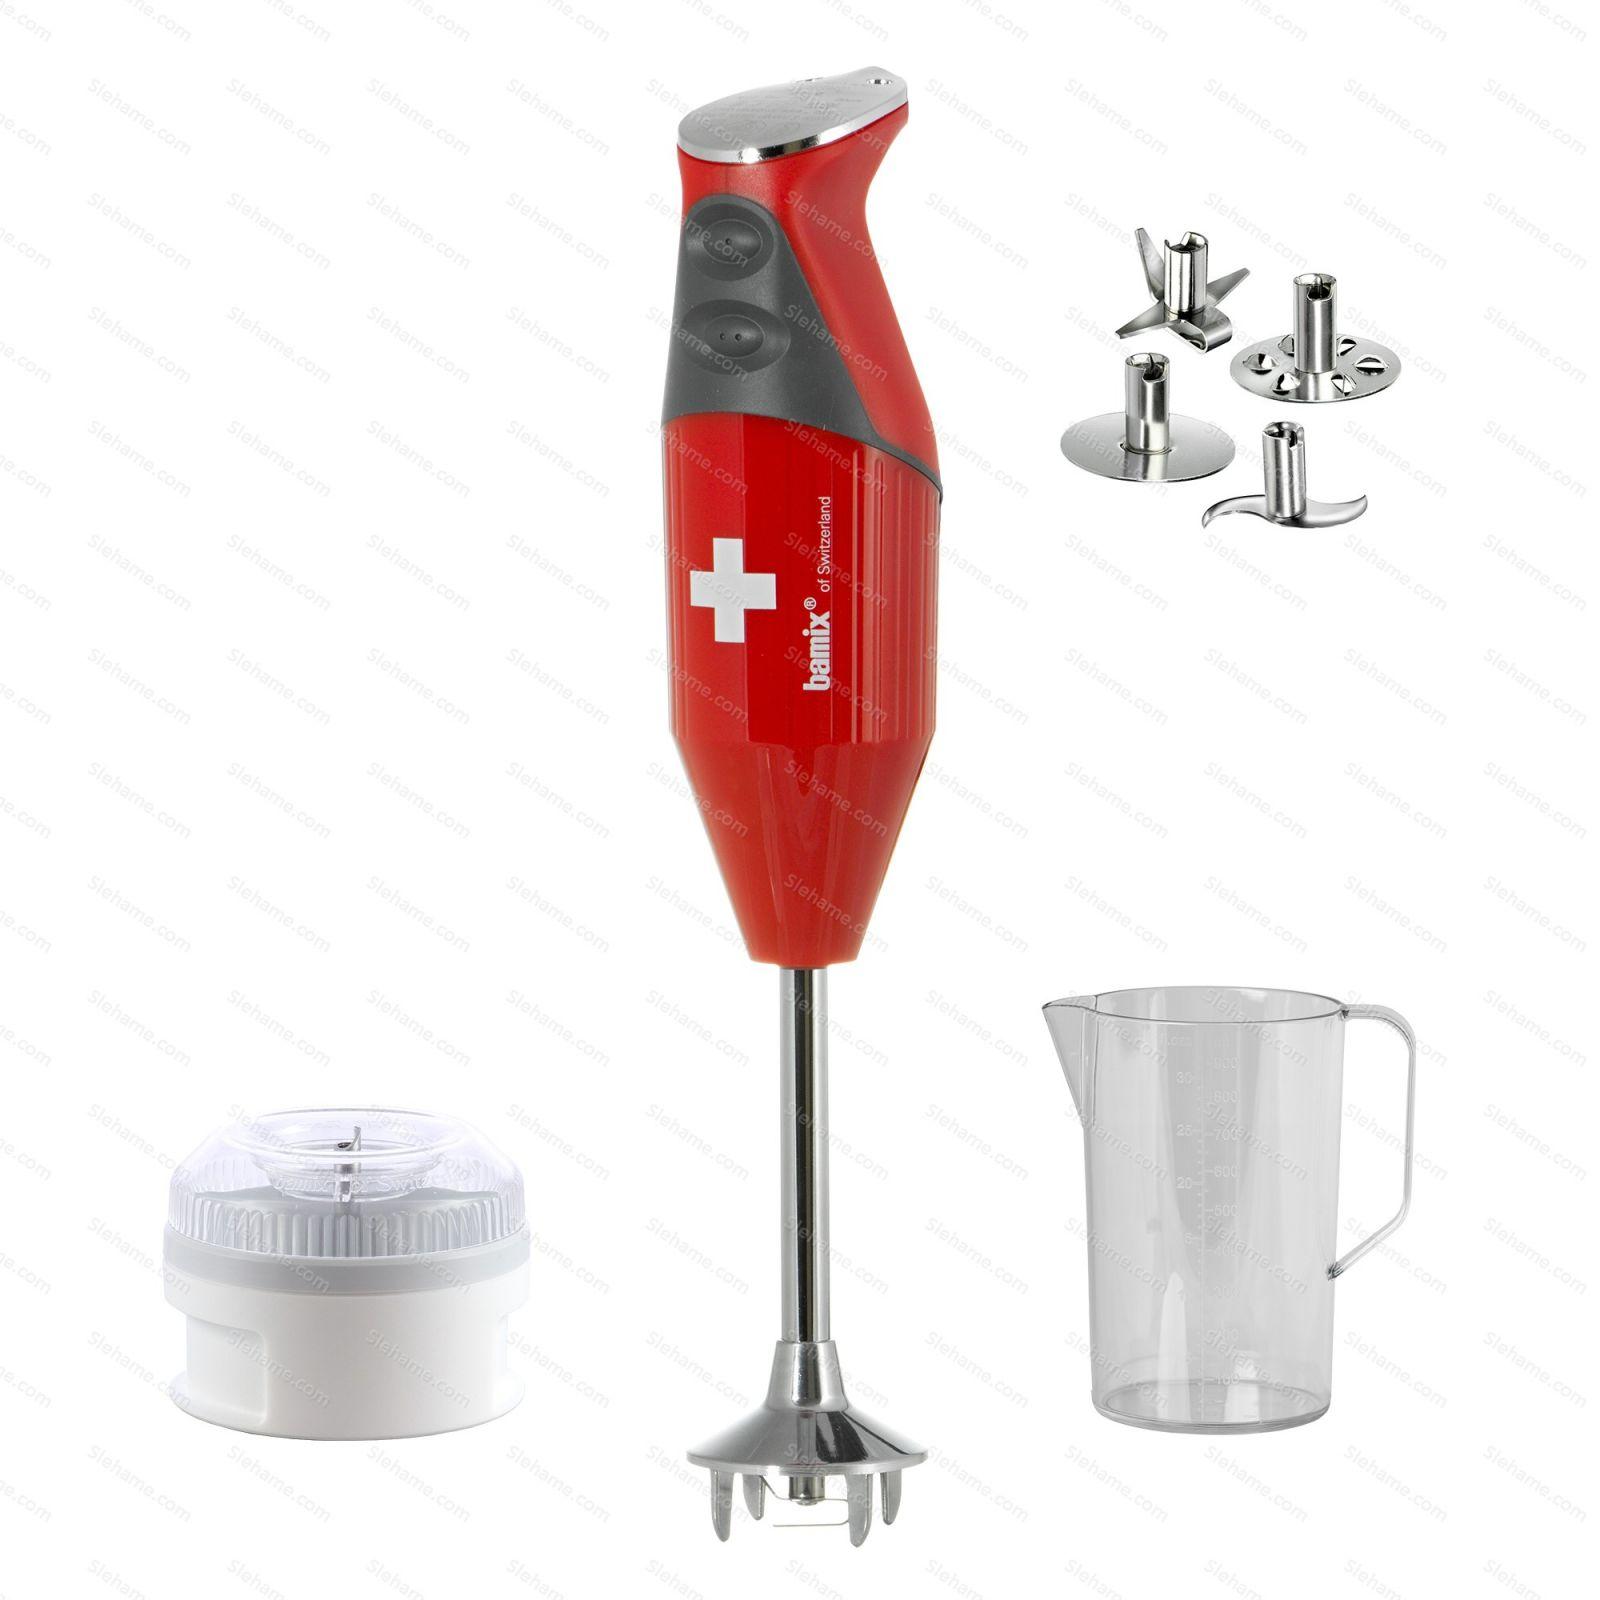 Tyčový mixér bamix® SWISS LINE M200, červený (půjčovna)